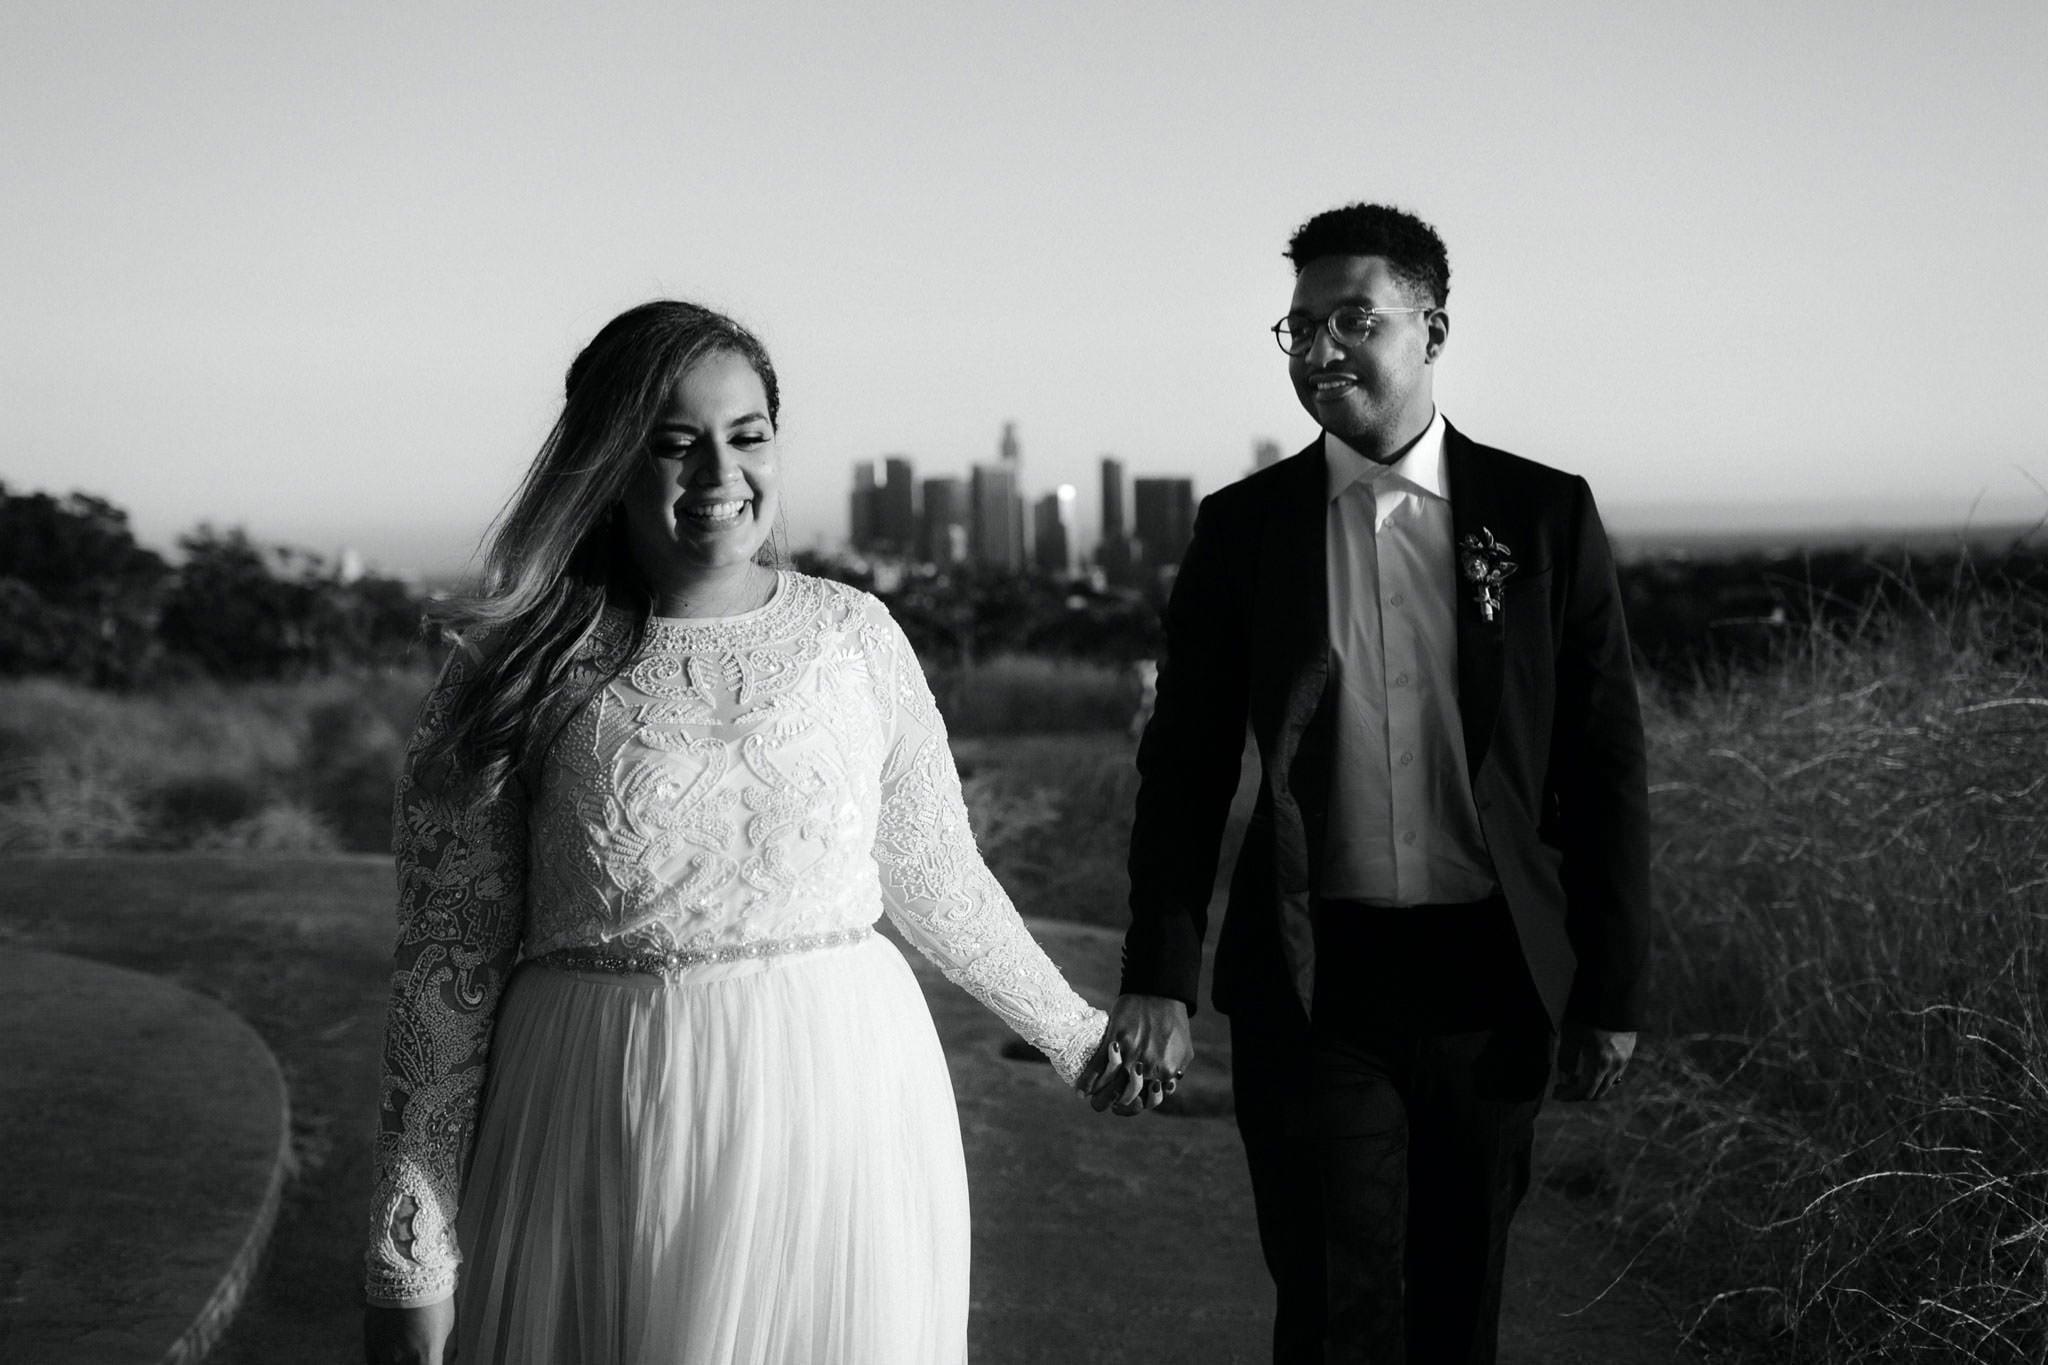 la elopement photos 117